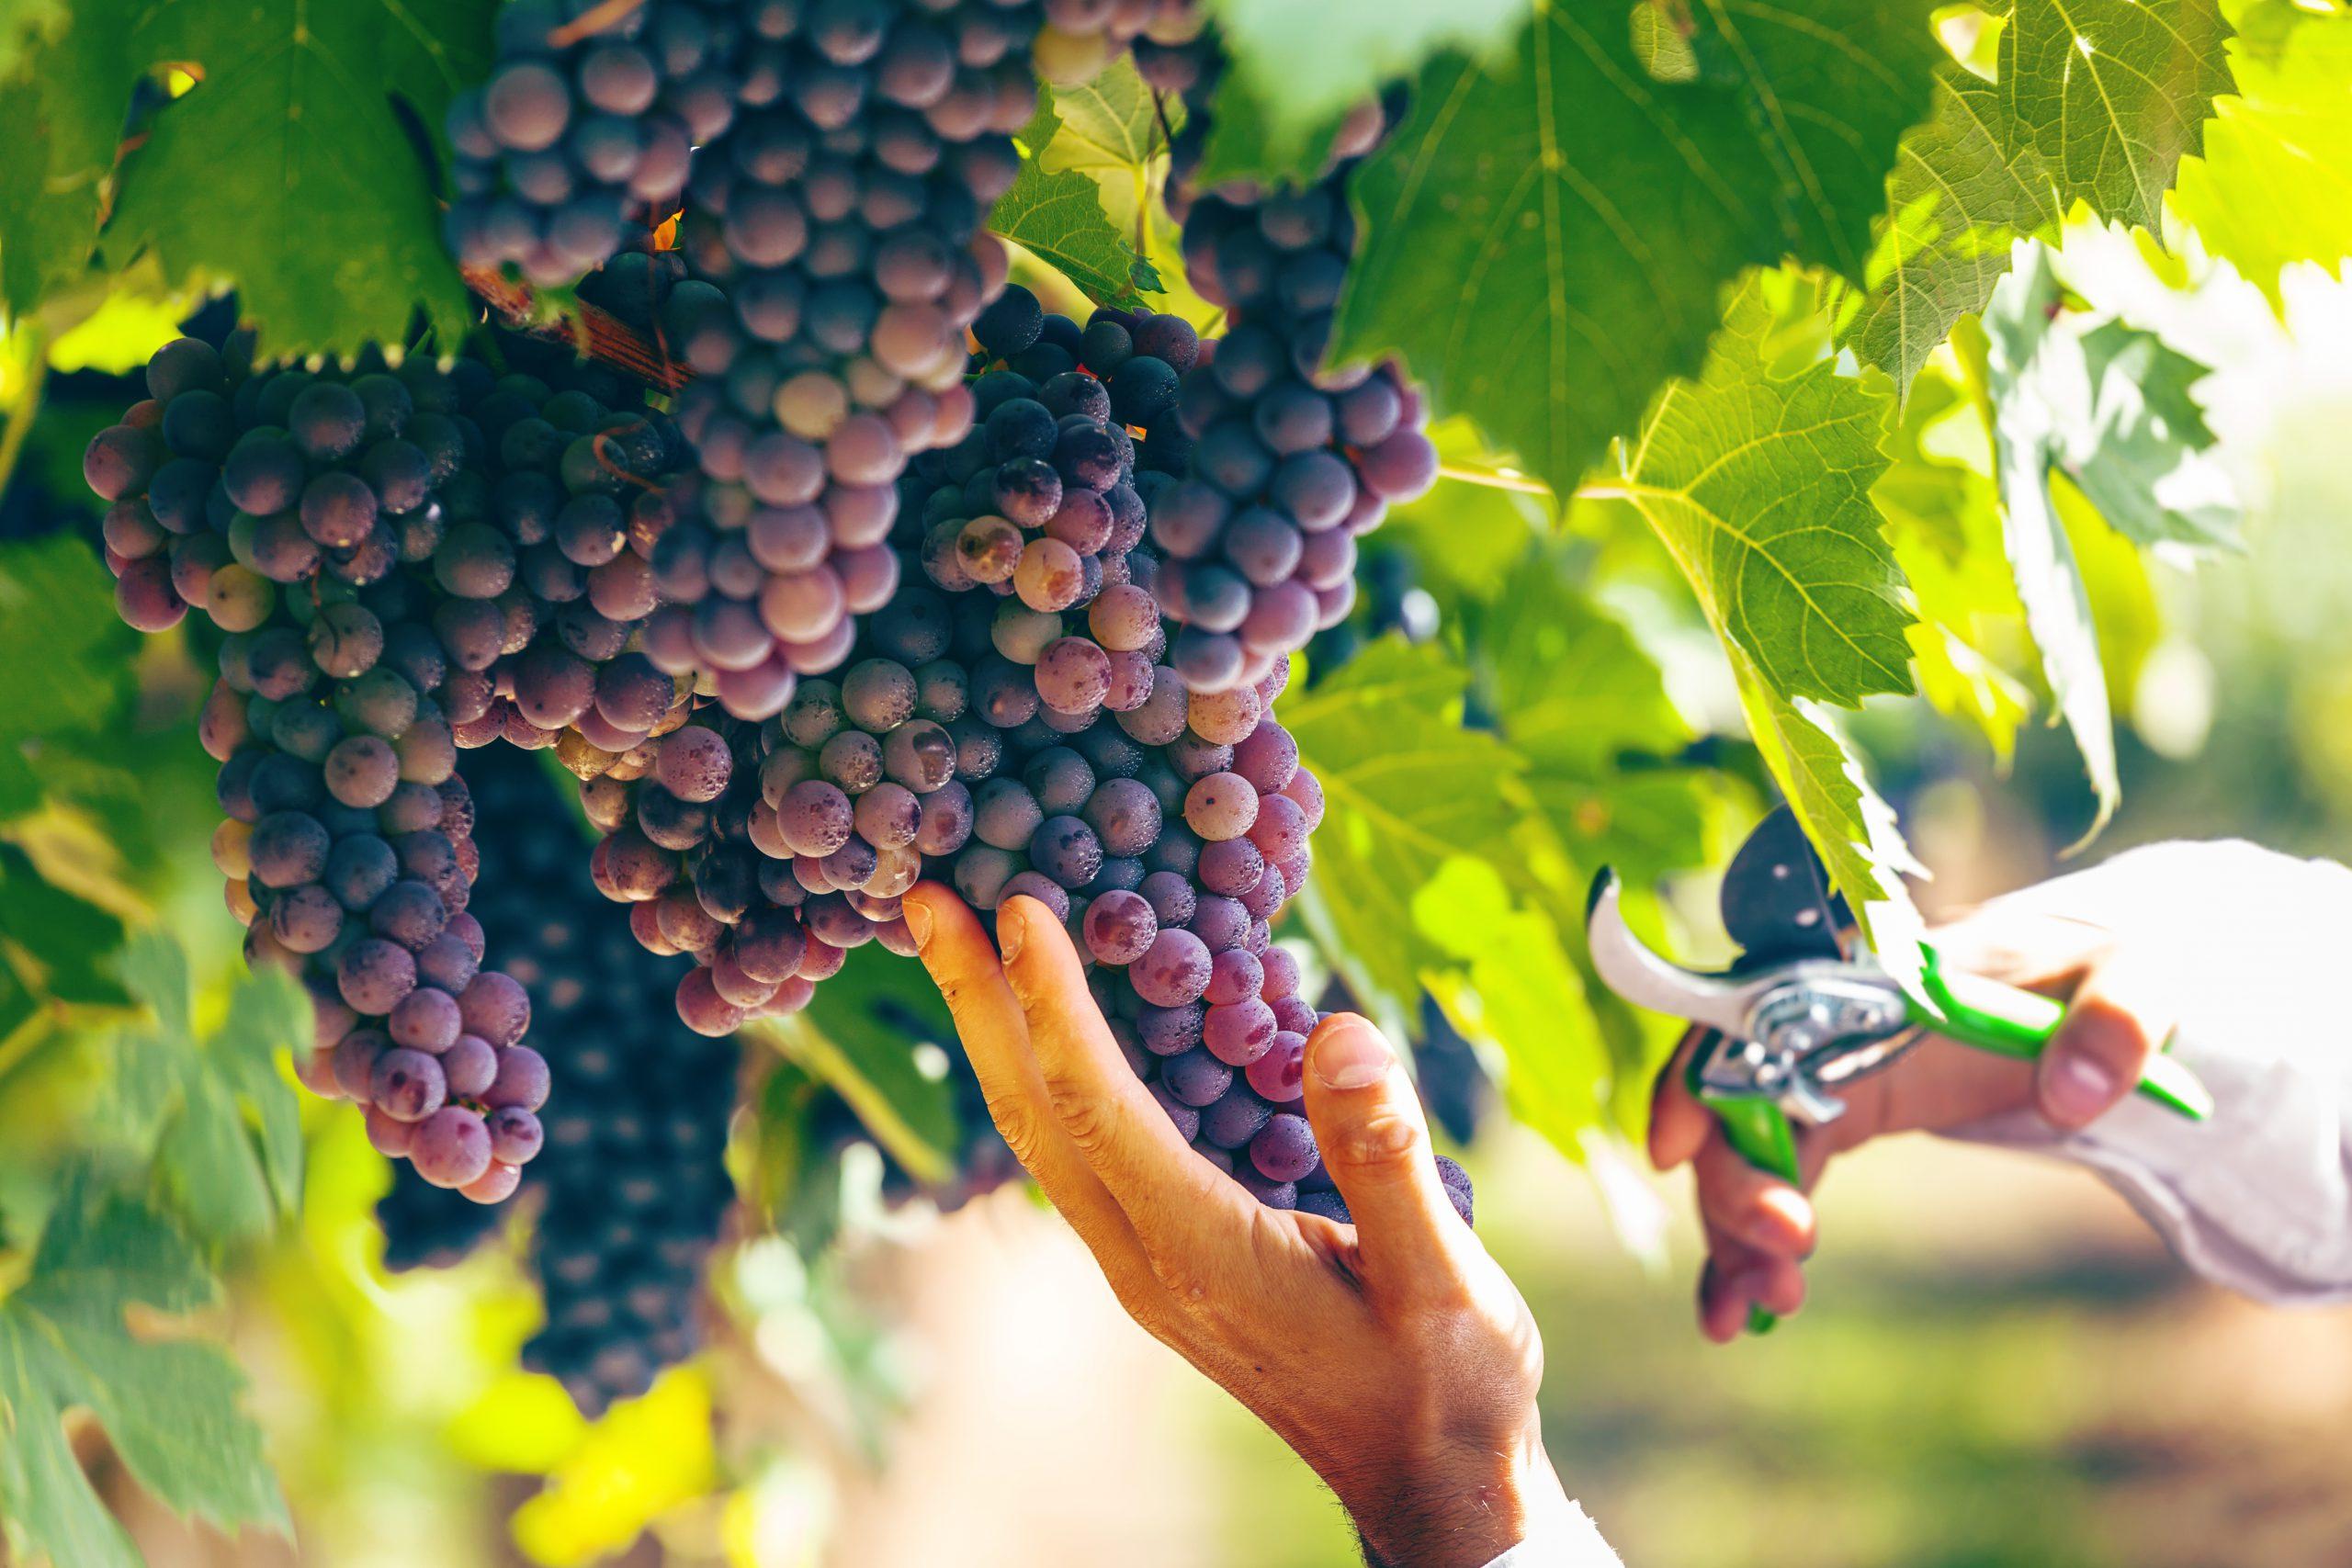 自然の恵みが詰まったワイン!オーガニックワインの味わいとは